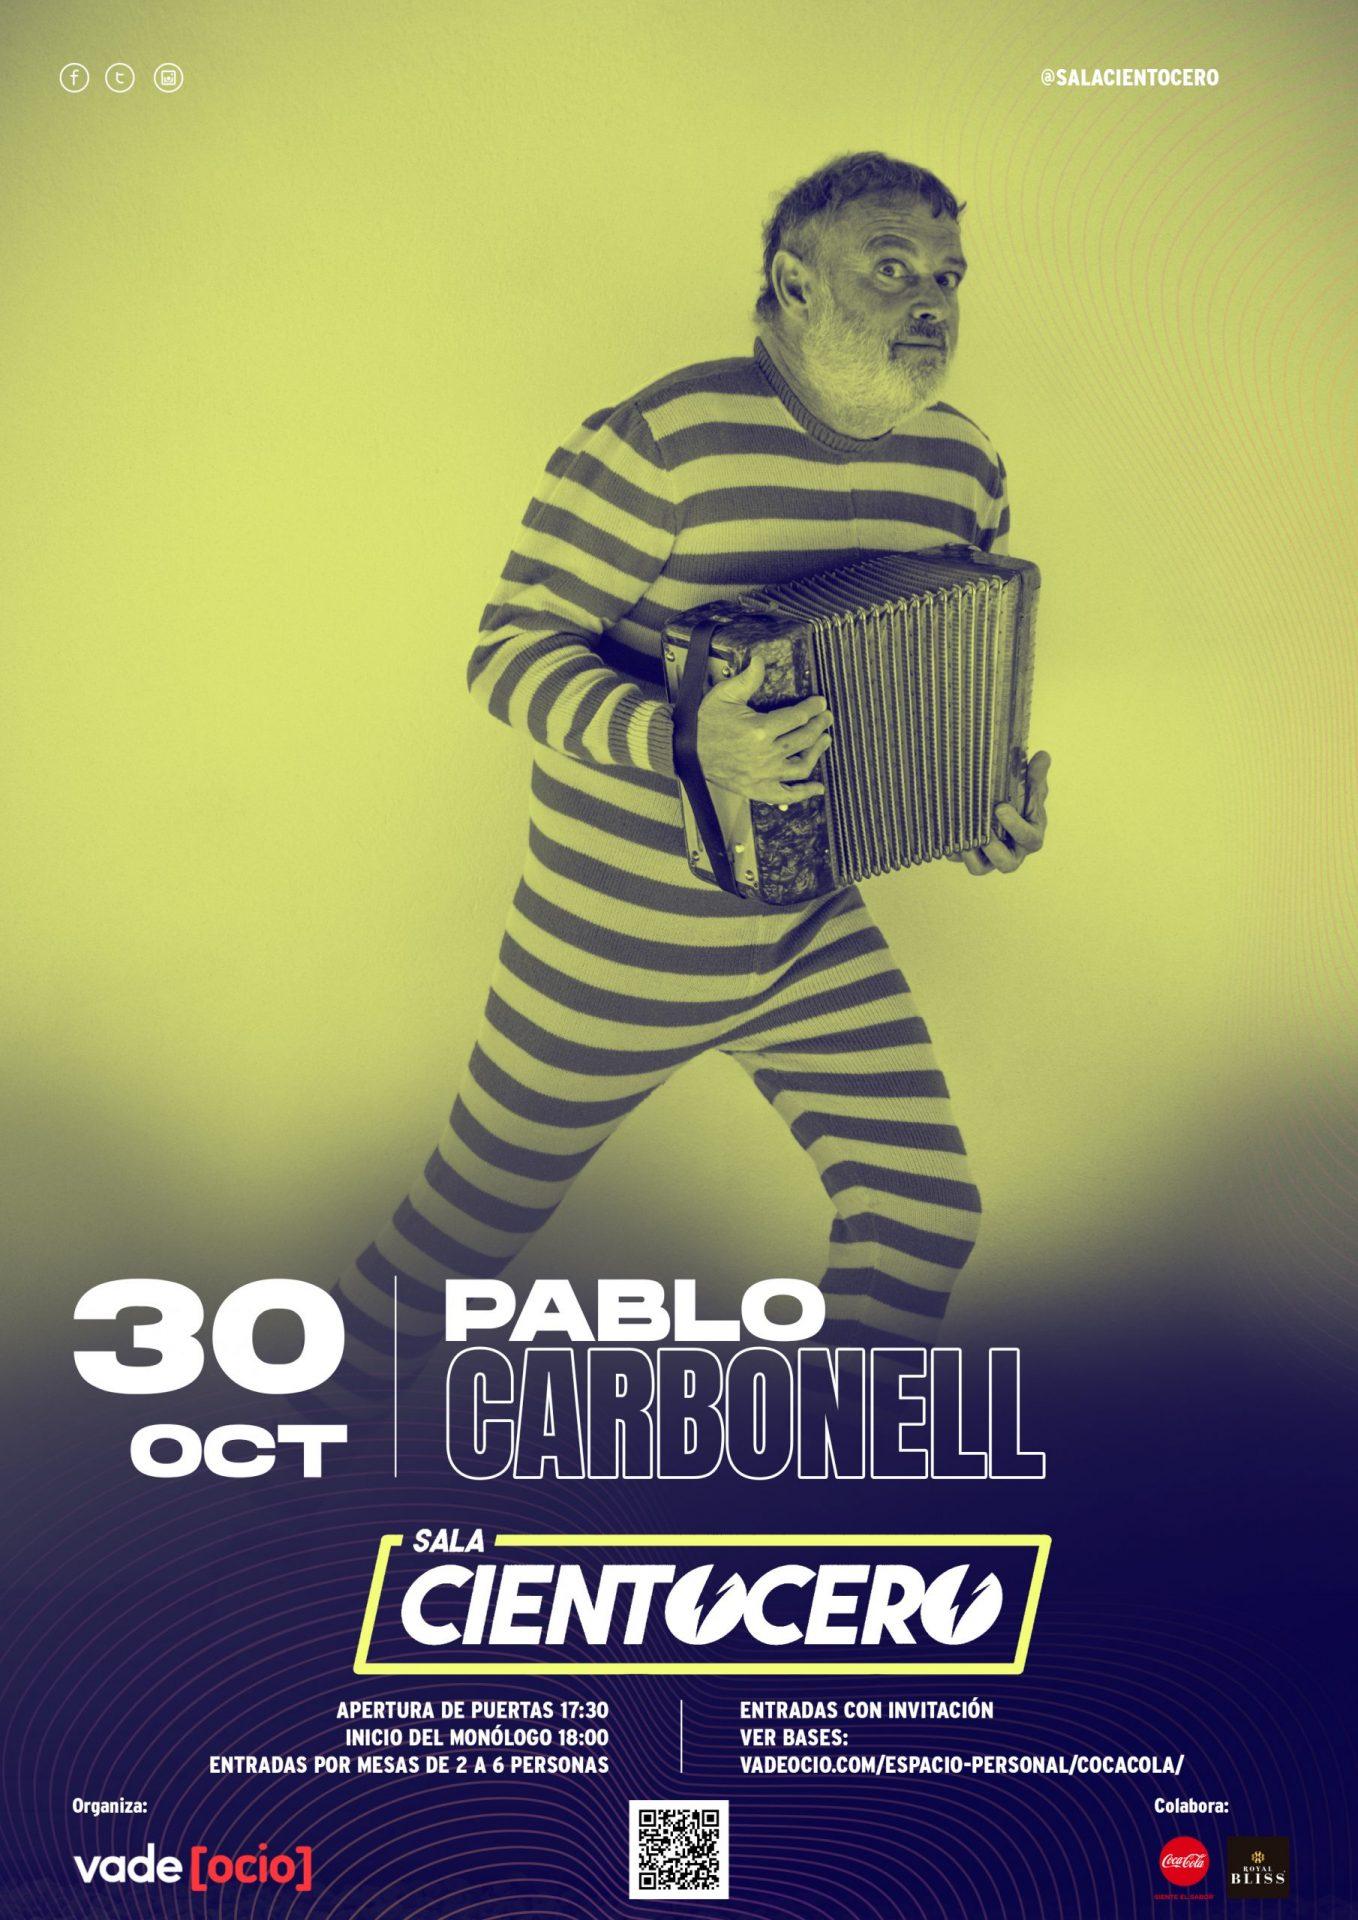 Pablo Carbonell en Sala Cientocero